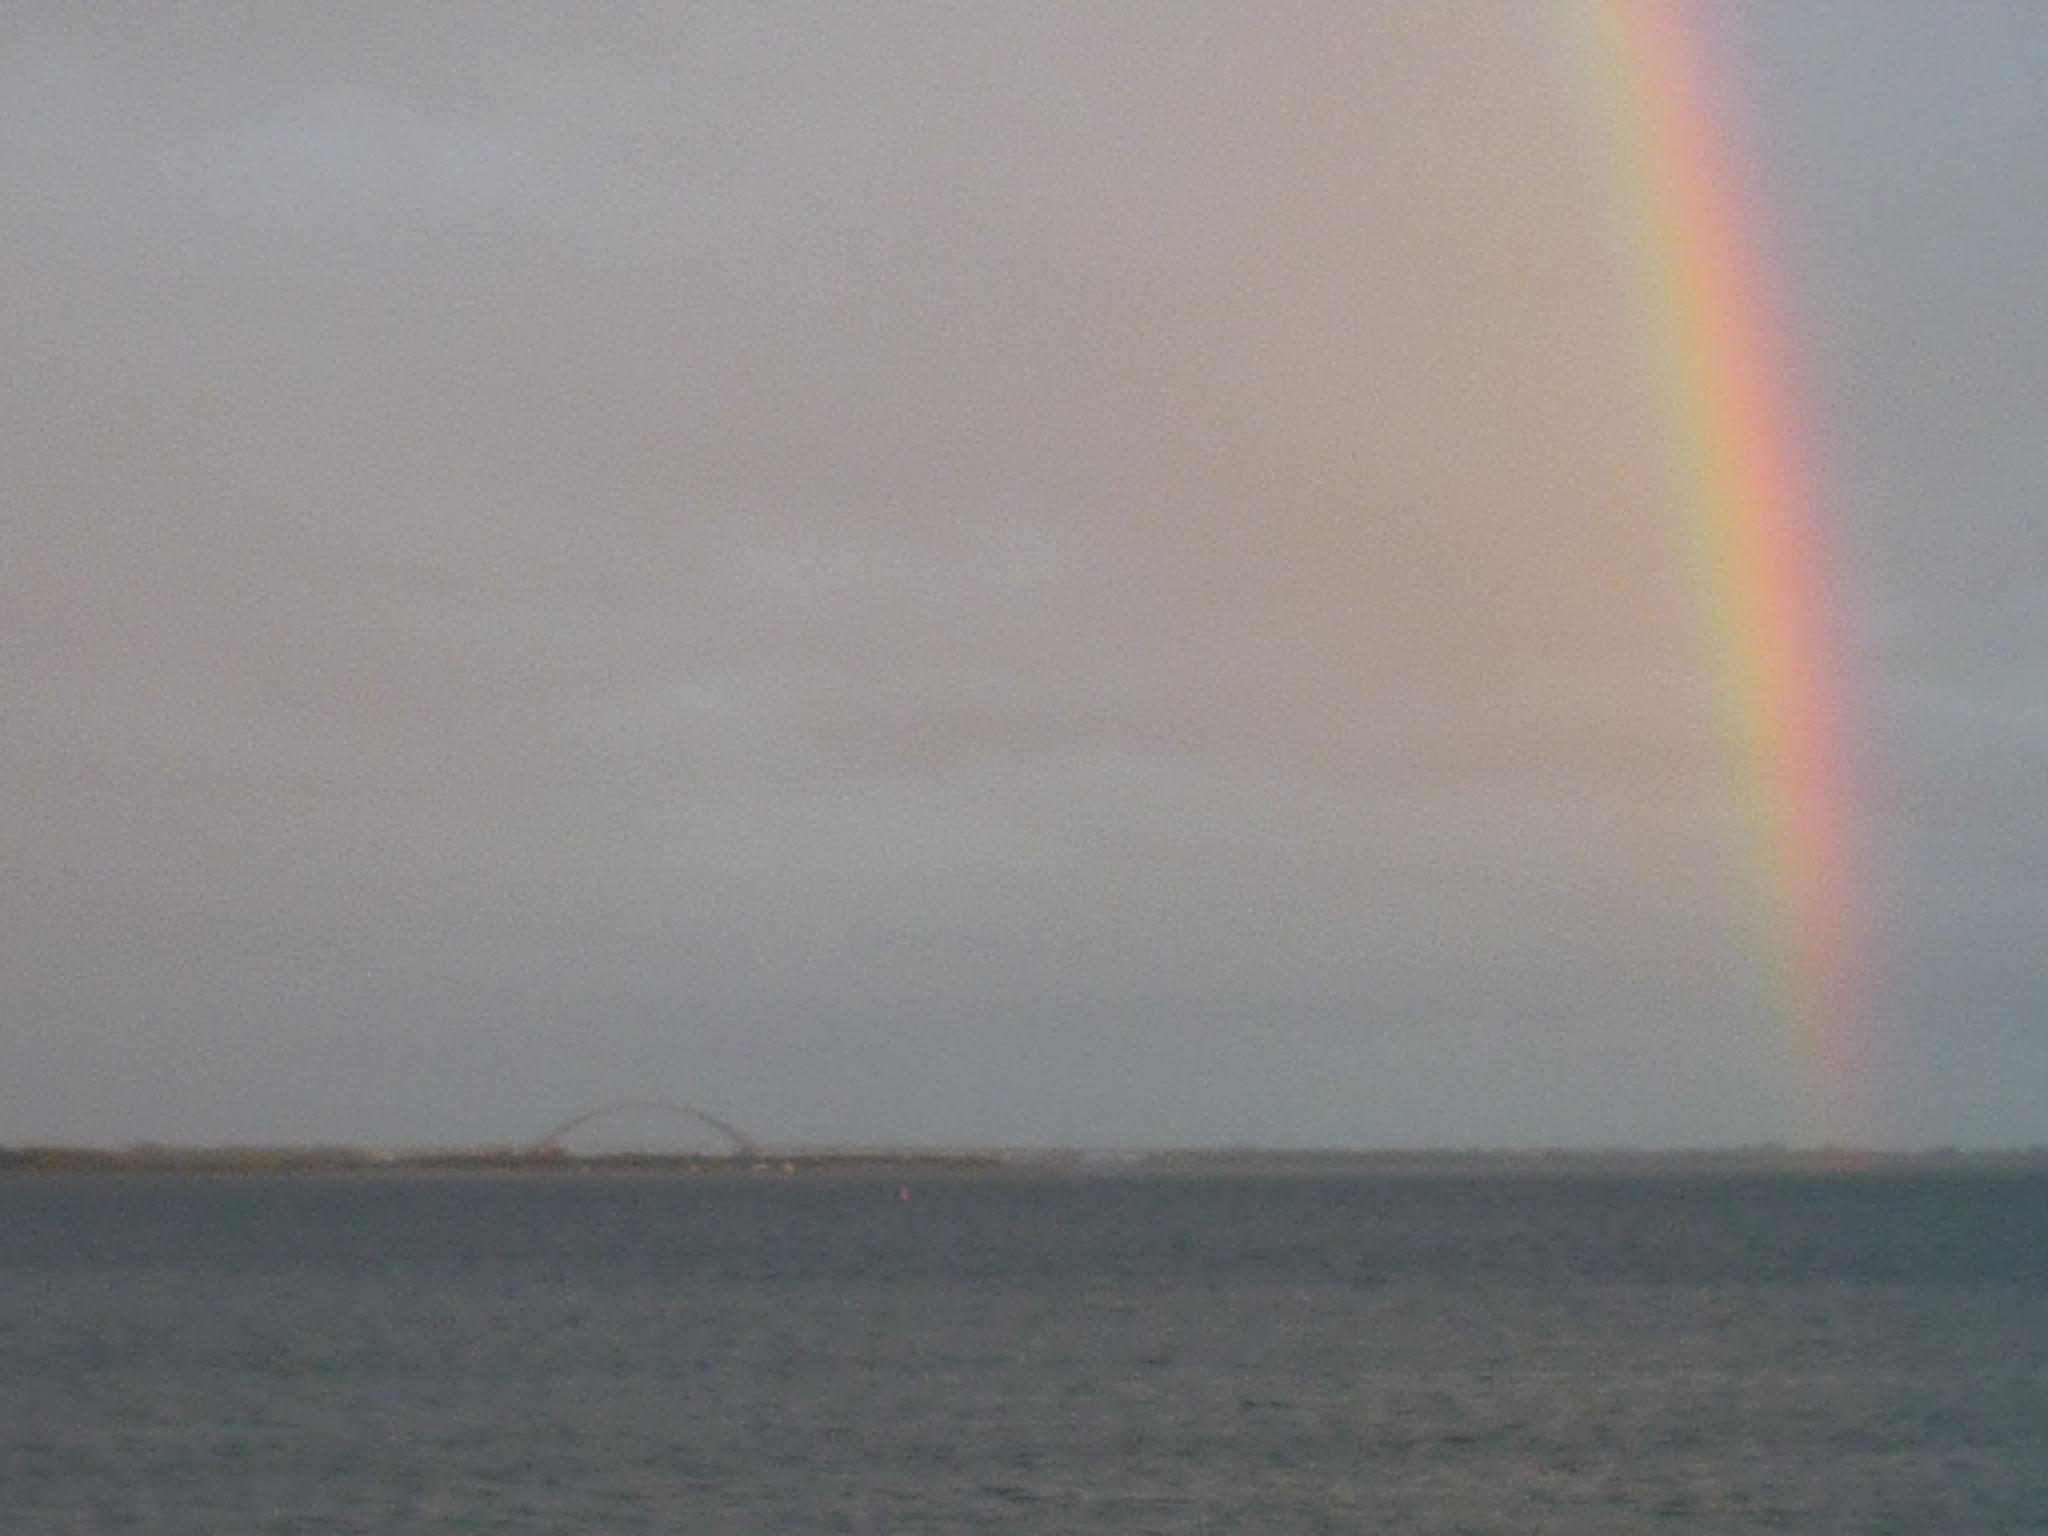 Fehmarnsundbrücke und Regenbogen